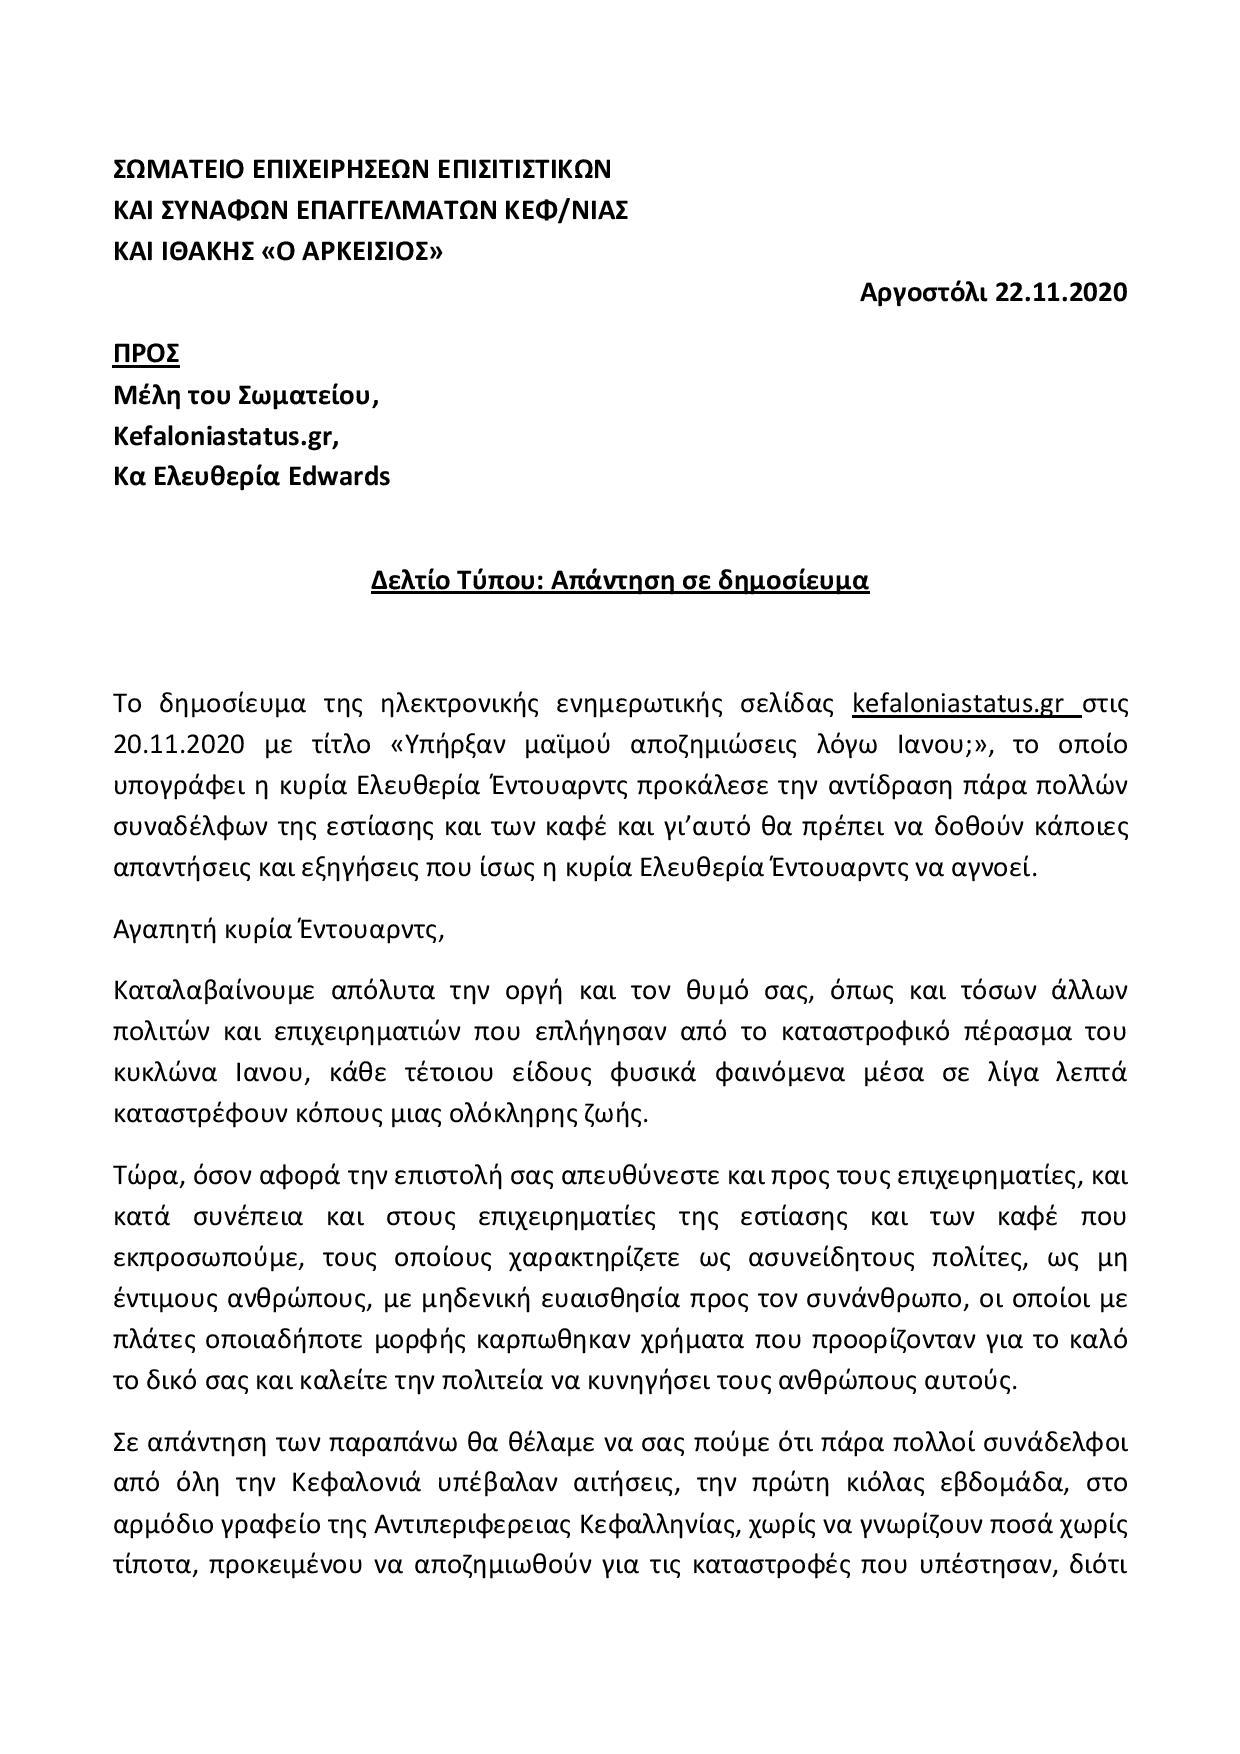 """Μάκης Σιμωτάς: Η απάντηση του σωματείου της εστίασης για το αν υπήρξαν """"μαϊμού"""" αποζημιώσεις του ΙΑΝΟΥ"""